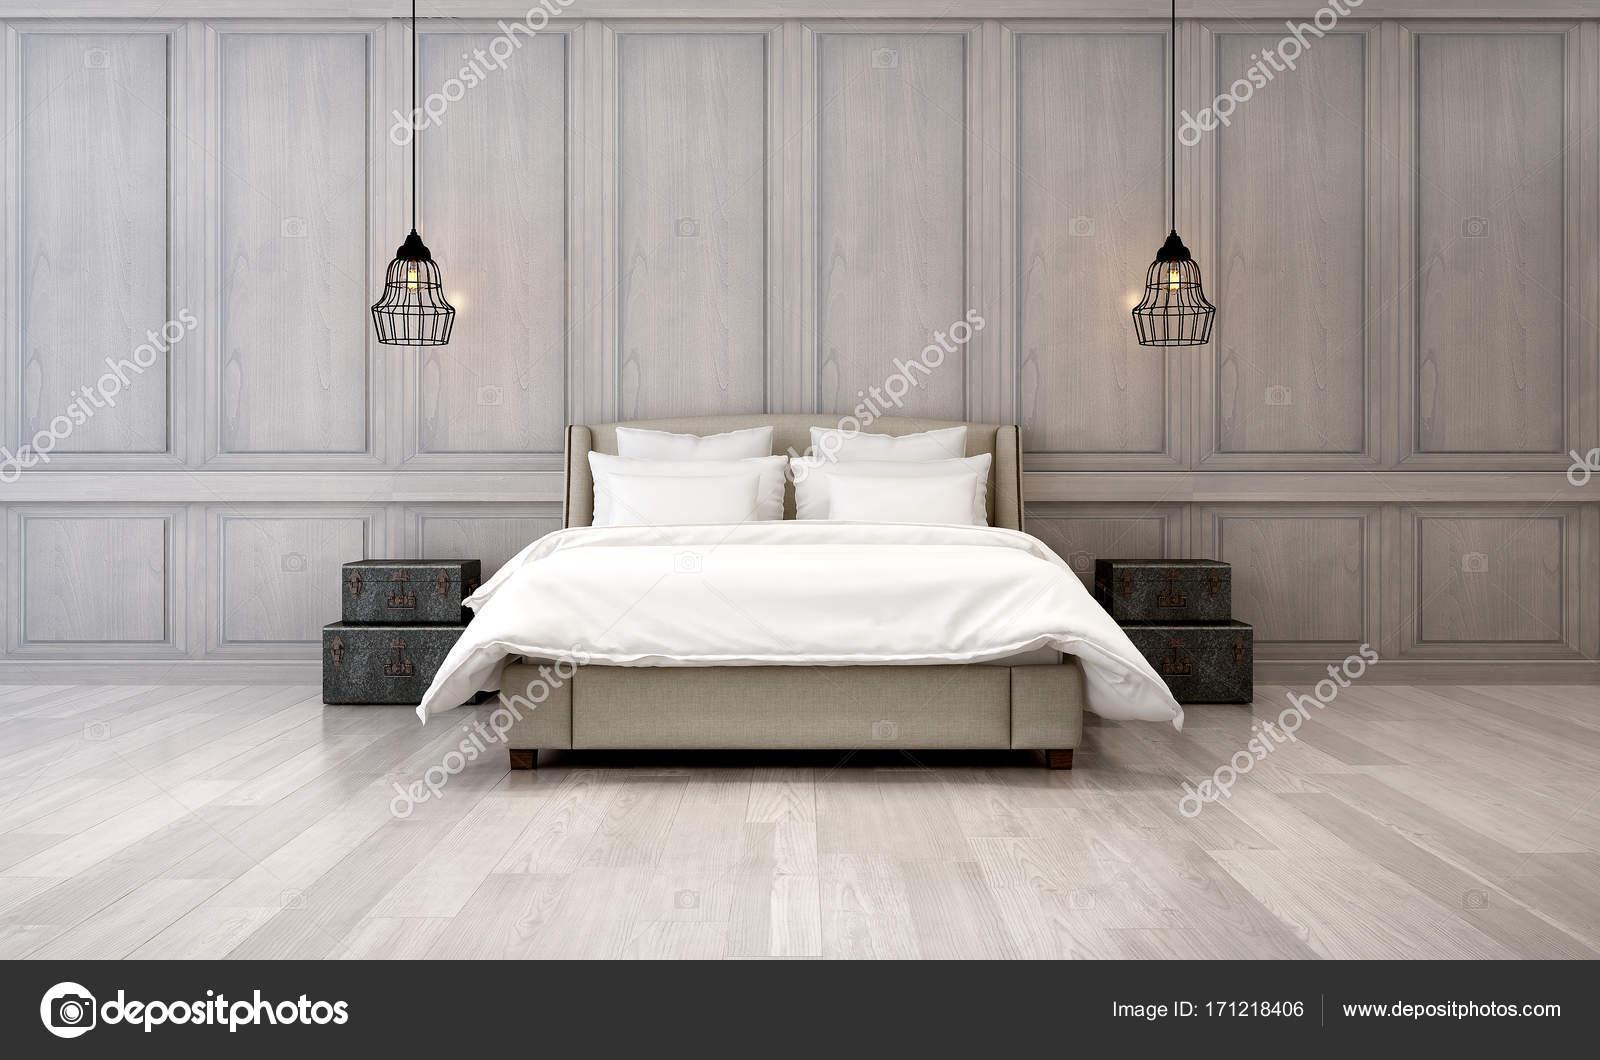 La Décoration Des Chambres De Luxe Et De Fond Mur Bois